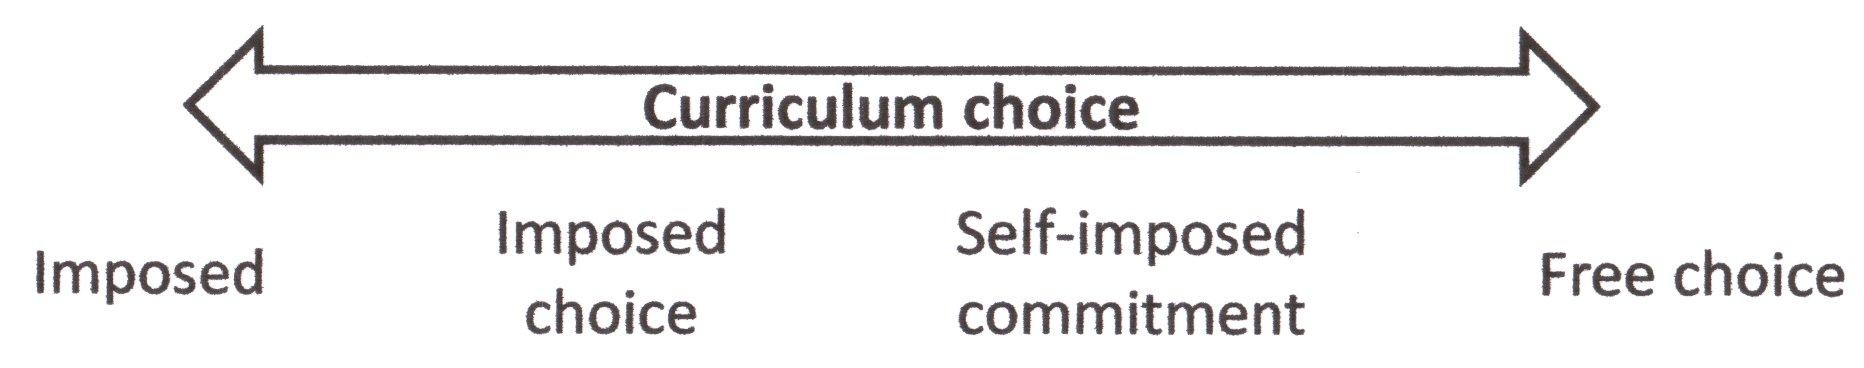 Curriculum choice dimension